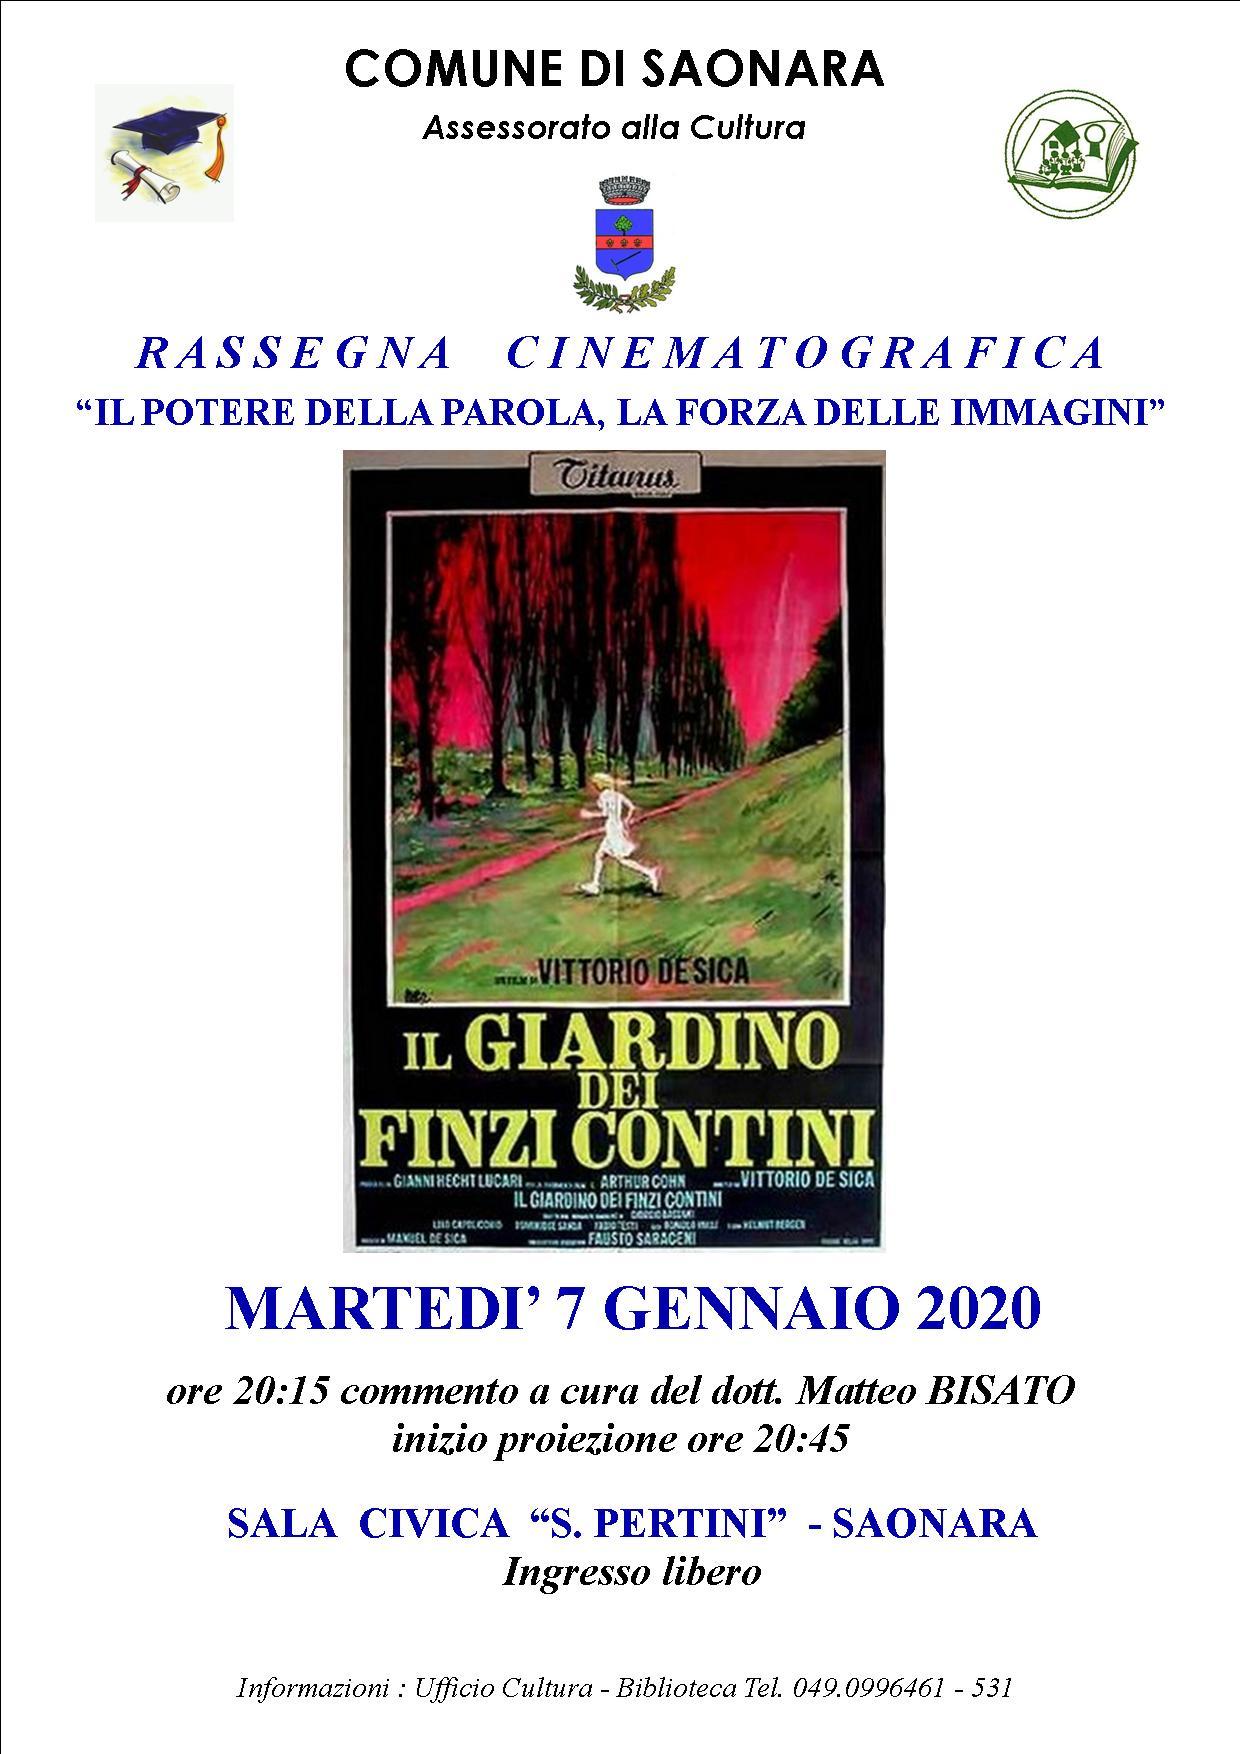 loCANDINA CINEMA 7